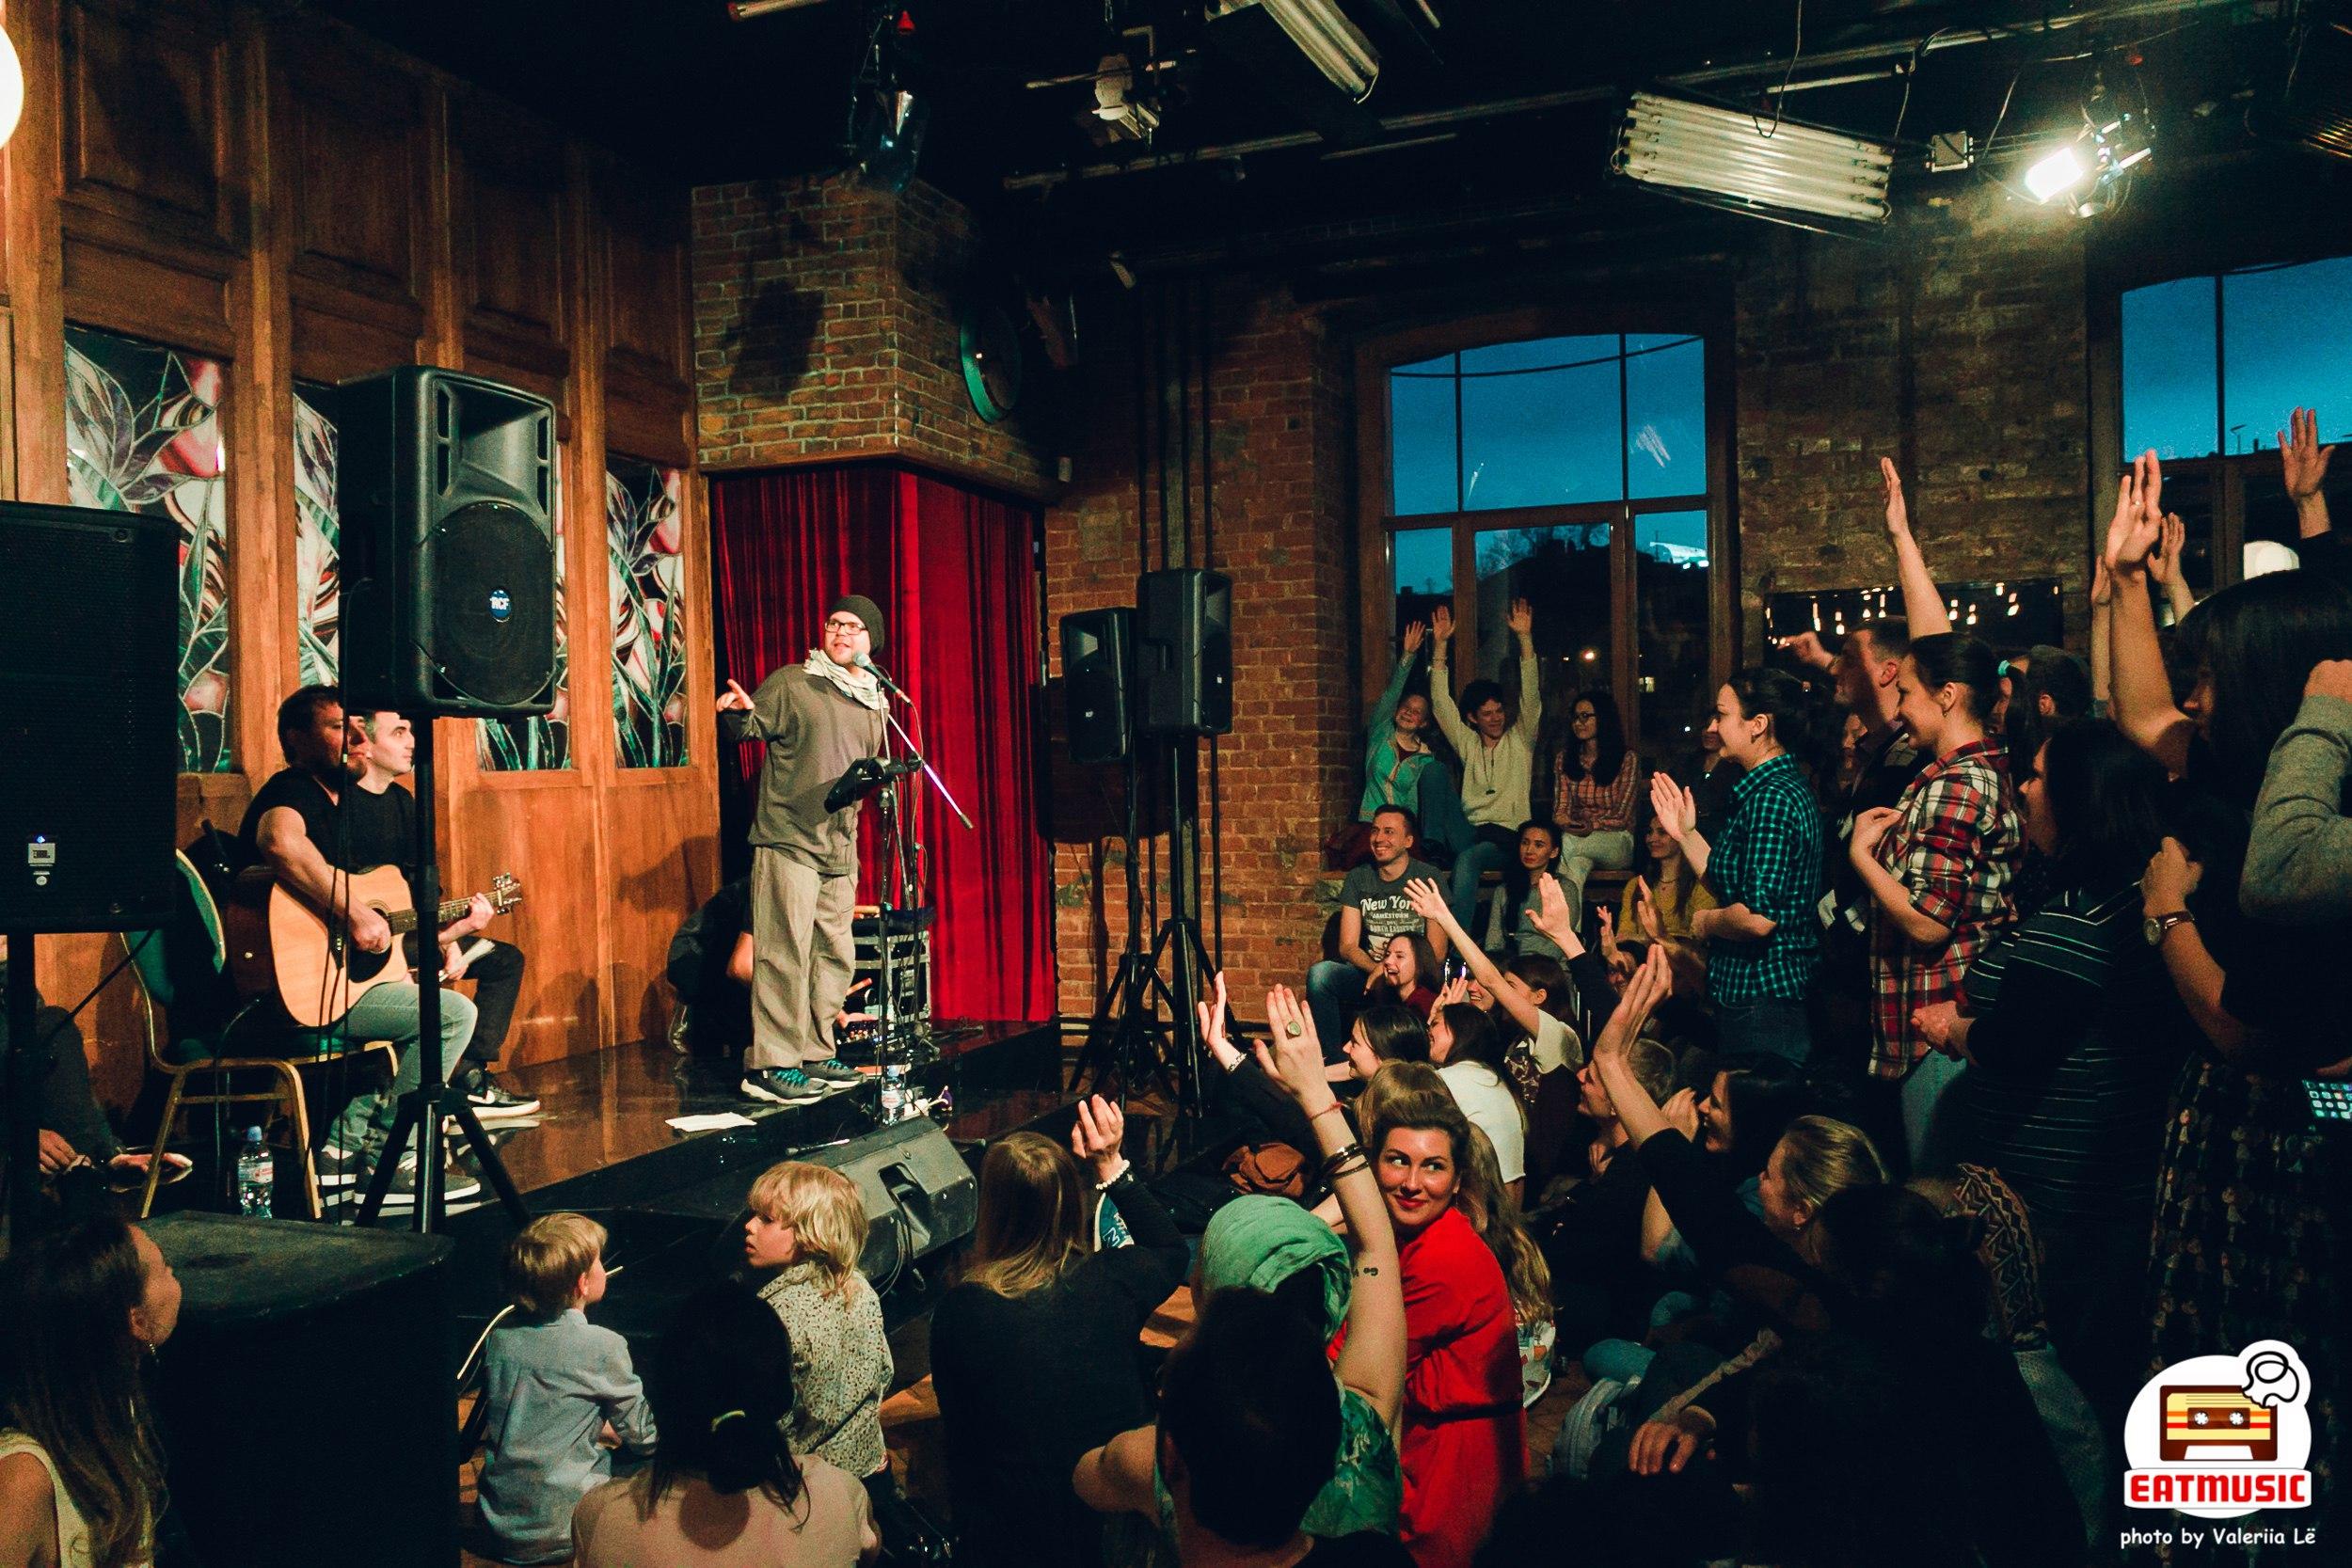 Концерт группы ОдноНо в лофте АТВ 15.04.2017: репортаж, фото Валерия Лё